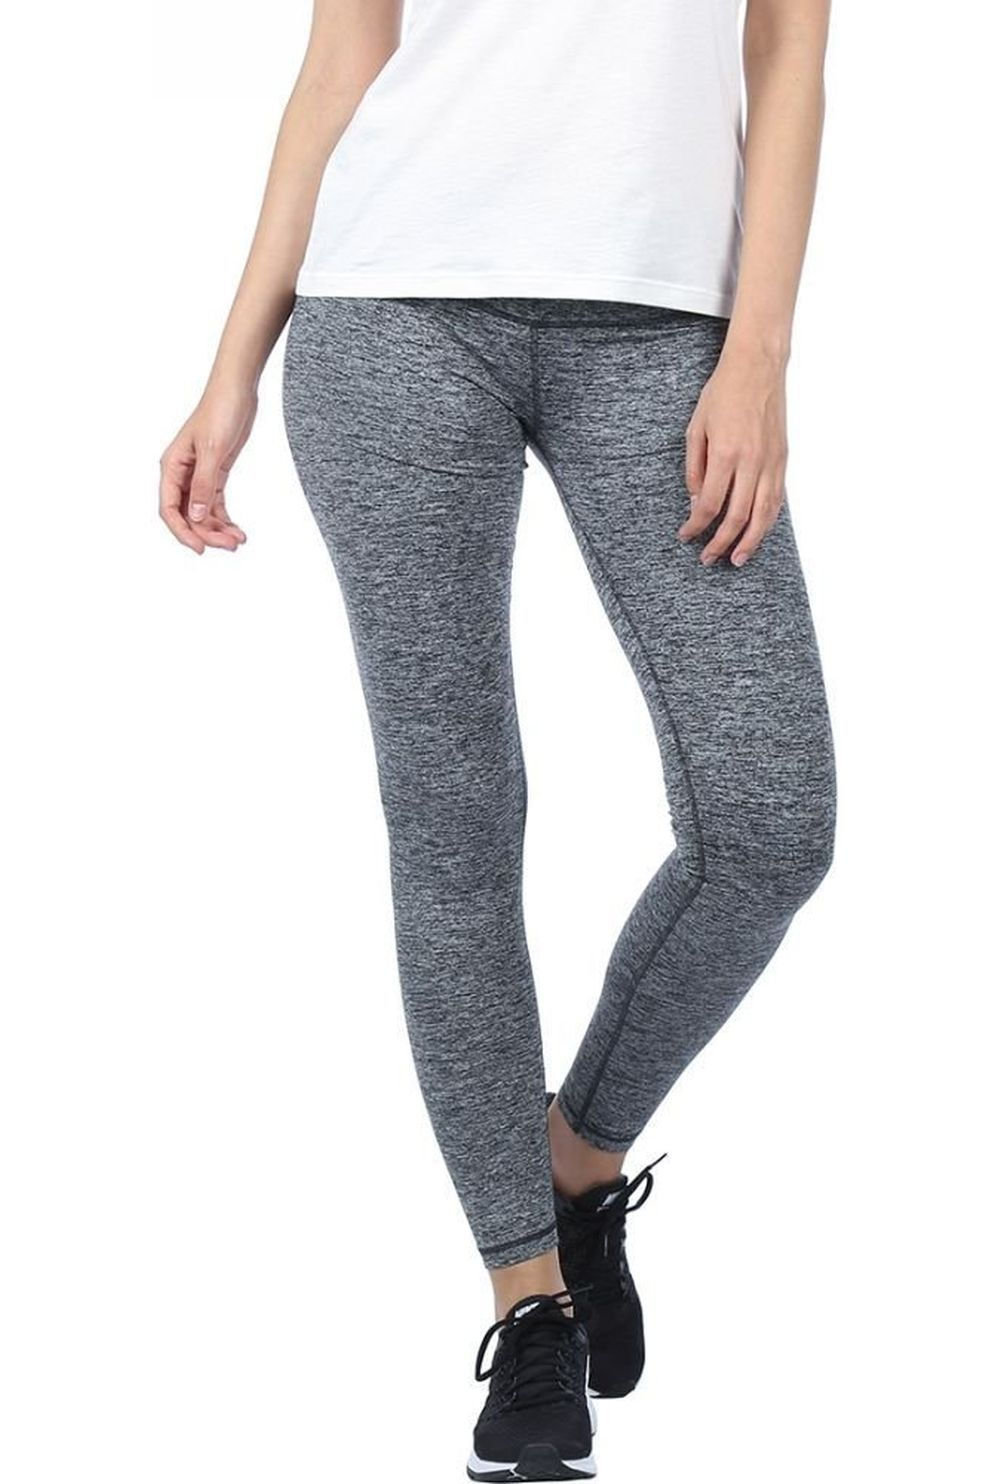 Skiny Legging Yoga&relax Long voor dames - Grijs Mengeling - Maten: 36, 38, 40, 42